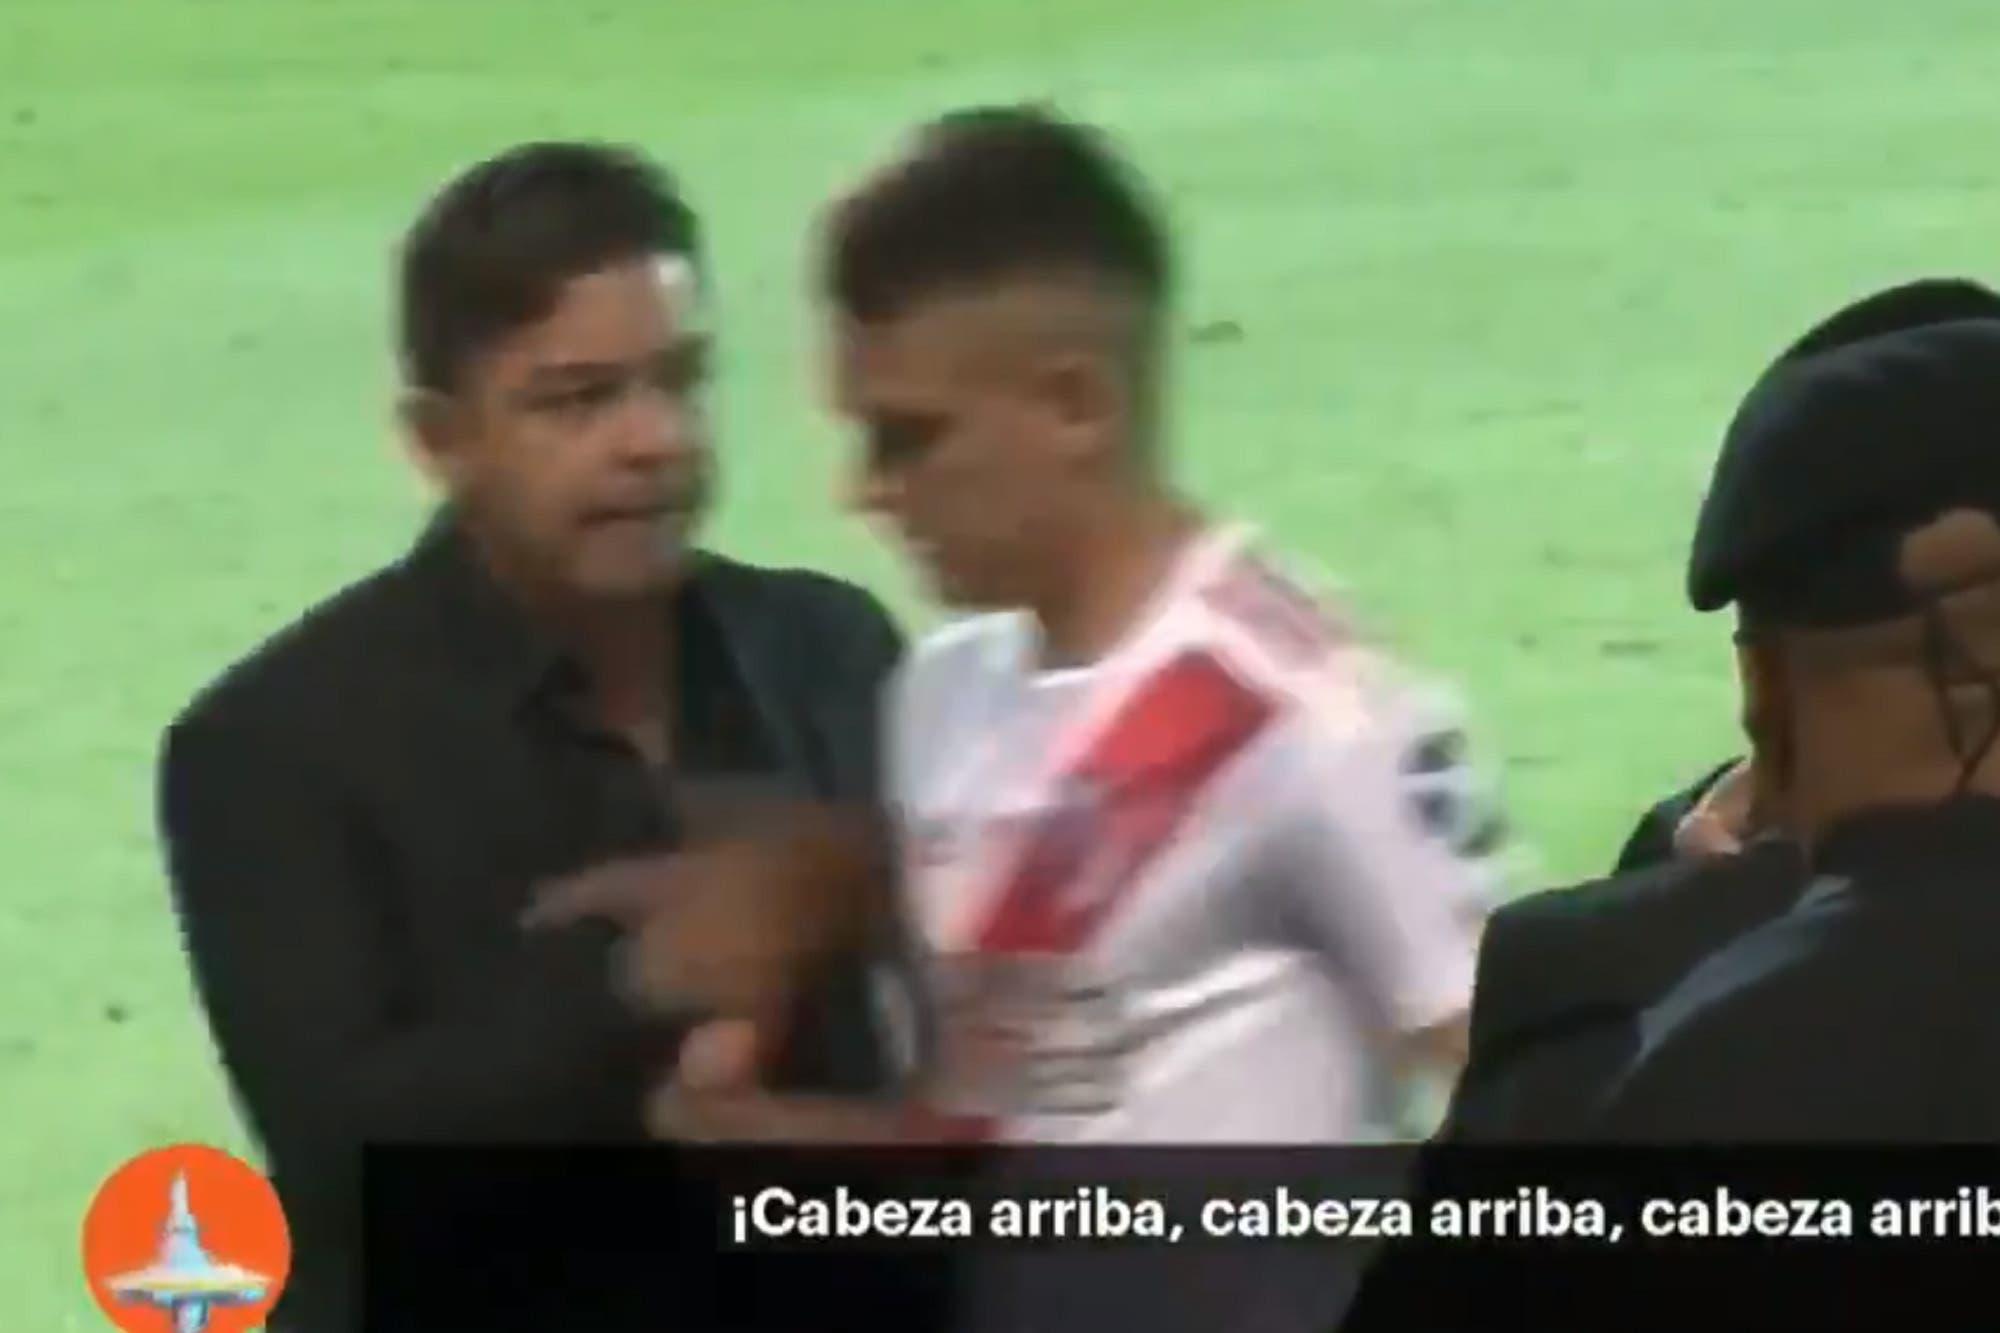 Cambio, enojo, trompada y reto: el video viral que protagonizan Gallardo y Borré